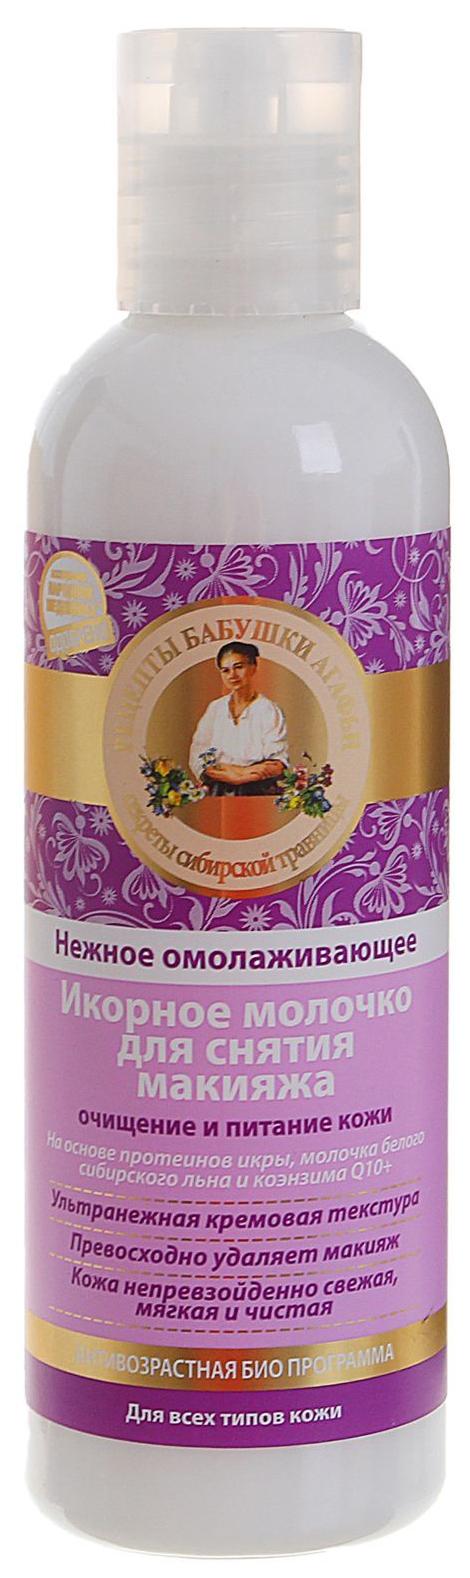 Средство для снятия макияжа Рецепты бабушки Агафьи икорное,